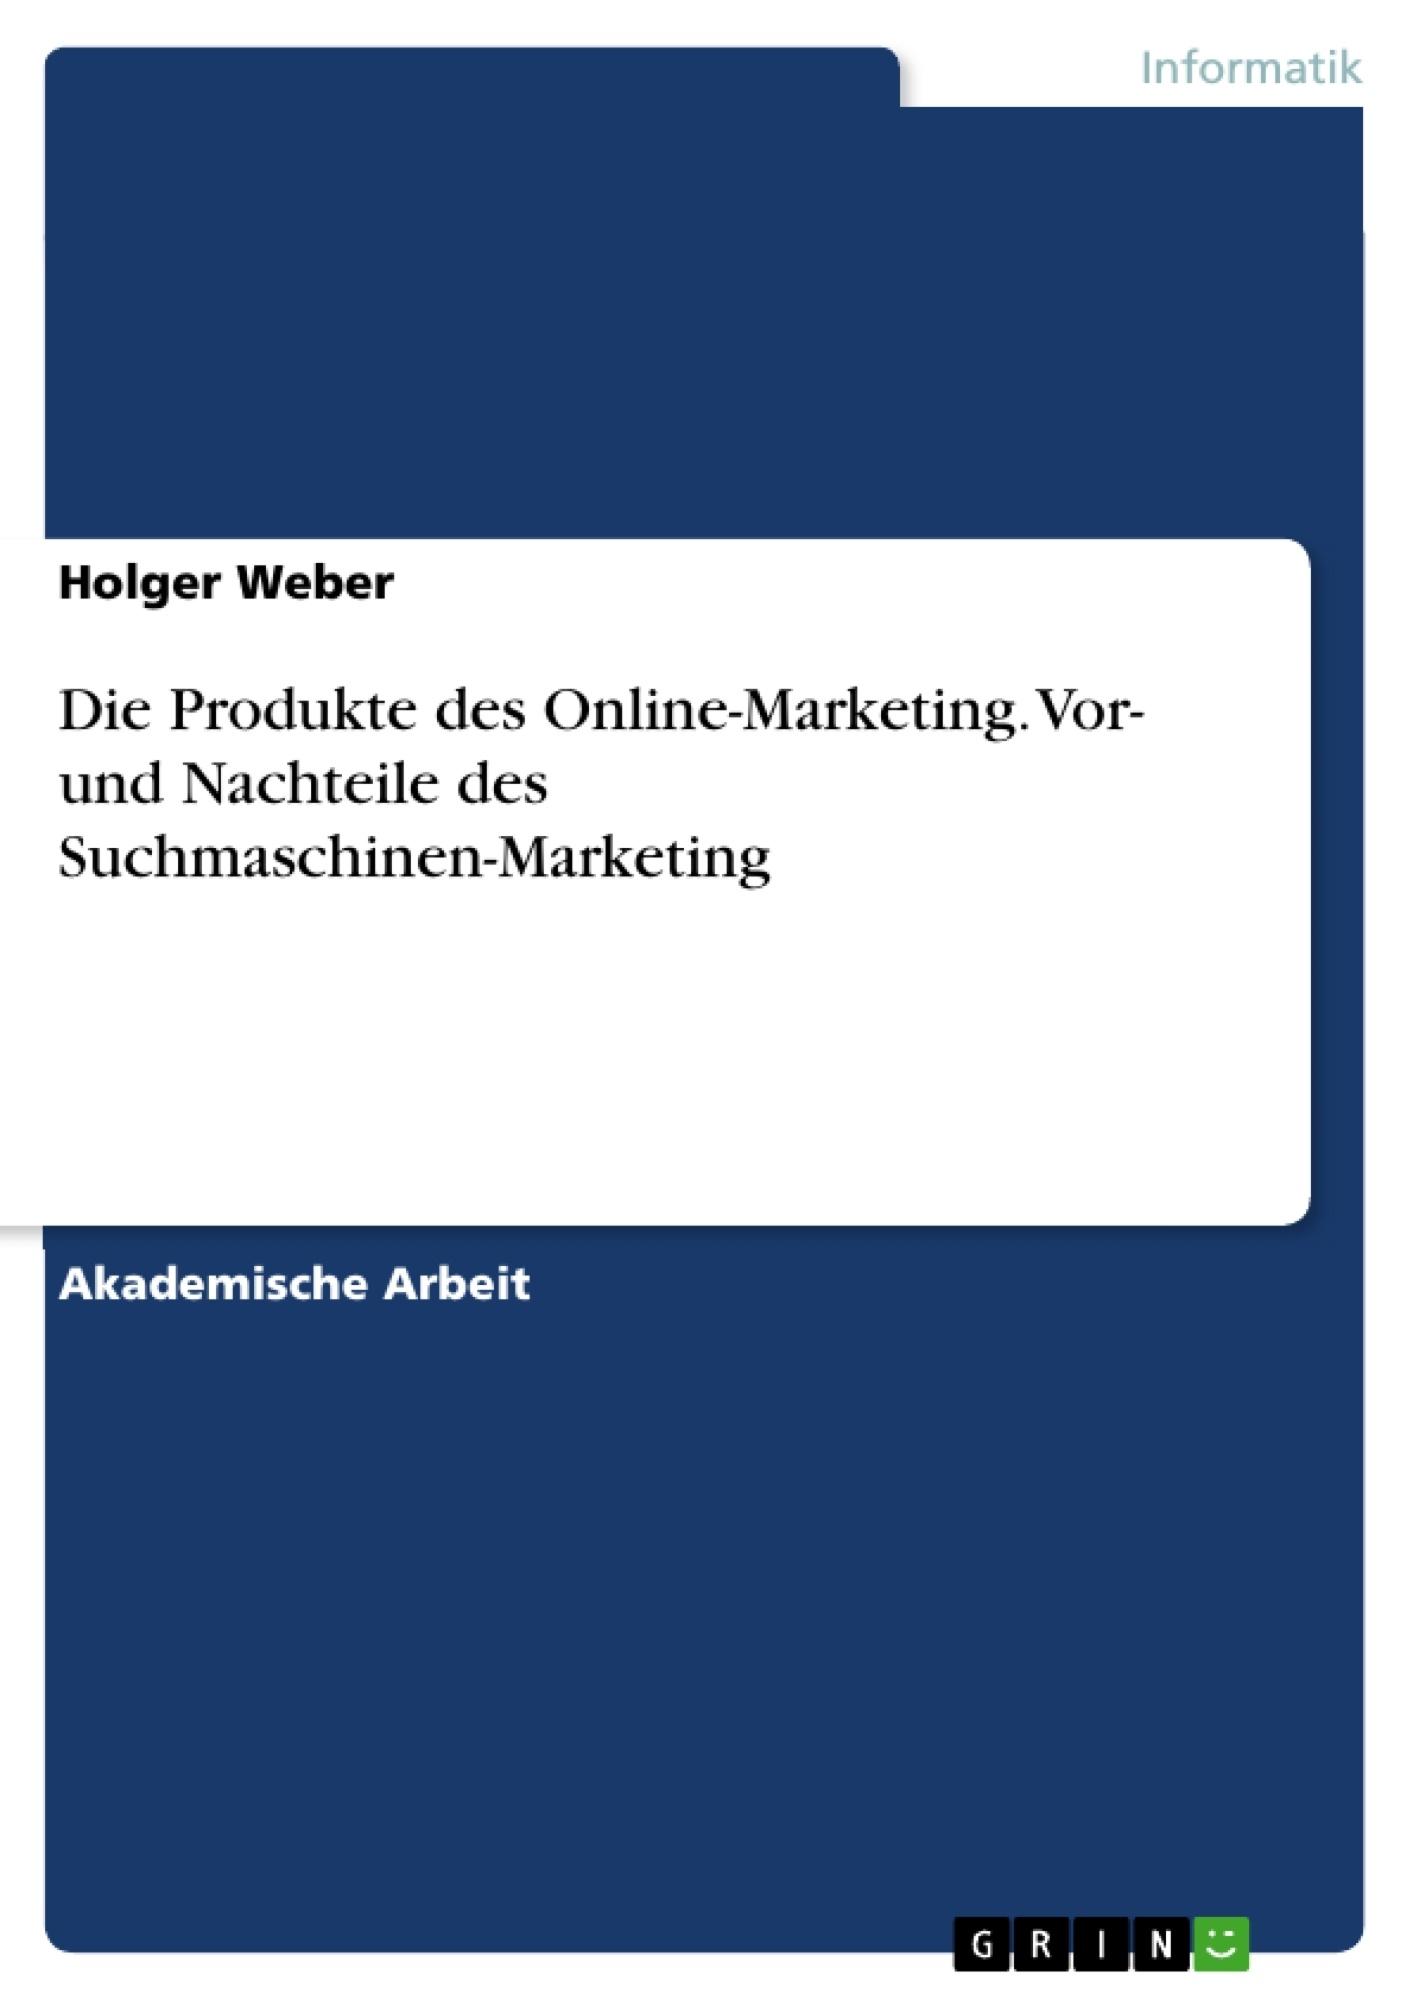 Titel: Die Produkte des Online-Marketing. Vor- und Nachteile des Suchmaschinen-Marketing